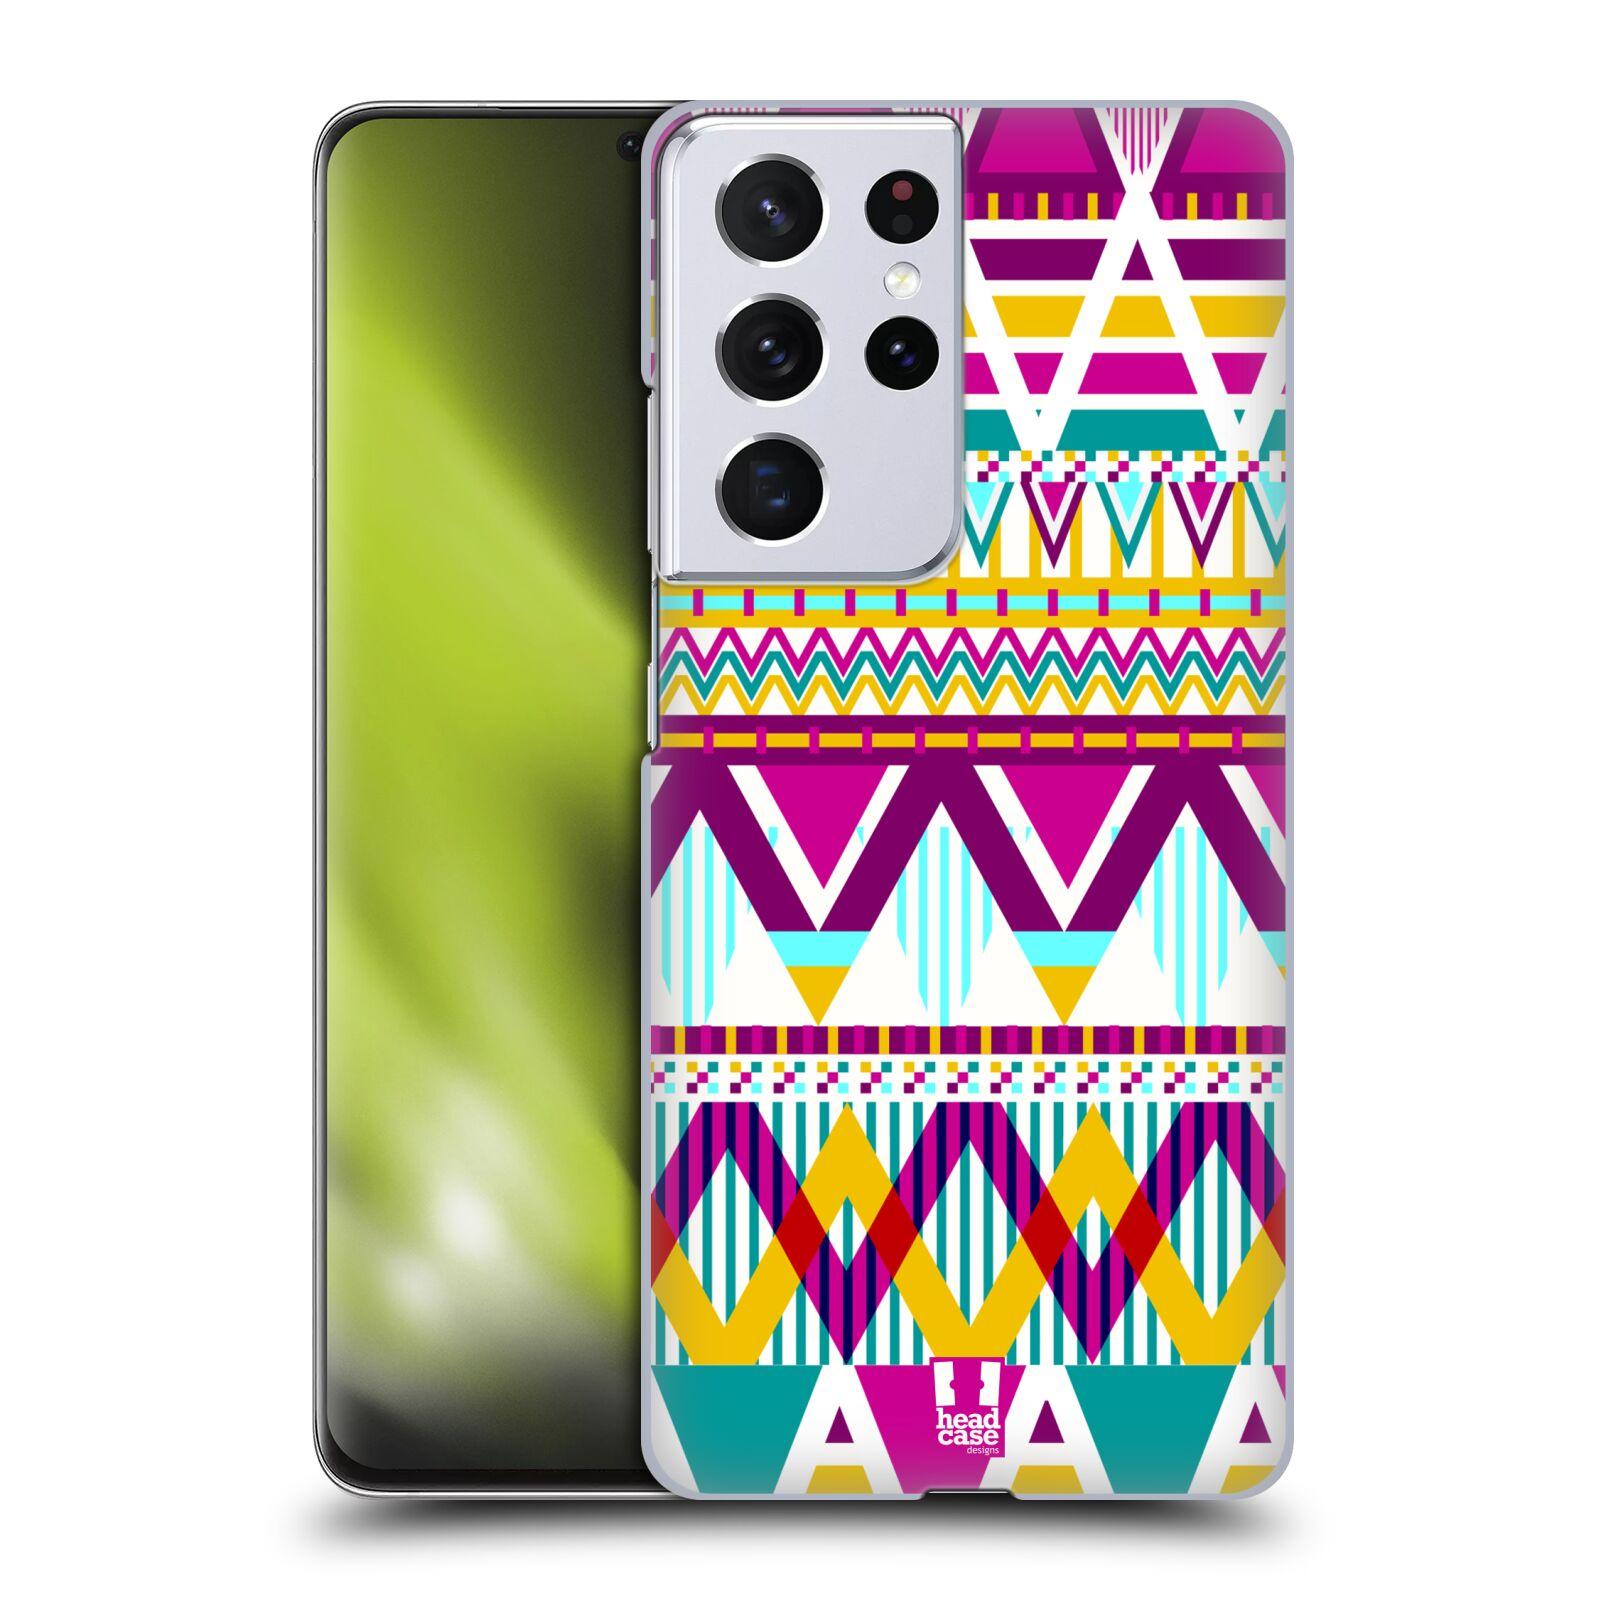 Plastové pouzdro na mobil Samsung Galaxy S21 Ultra 5G - Head Case - AZTEC SUGARED